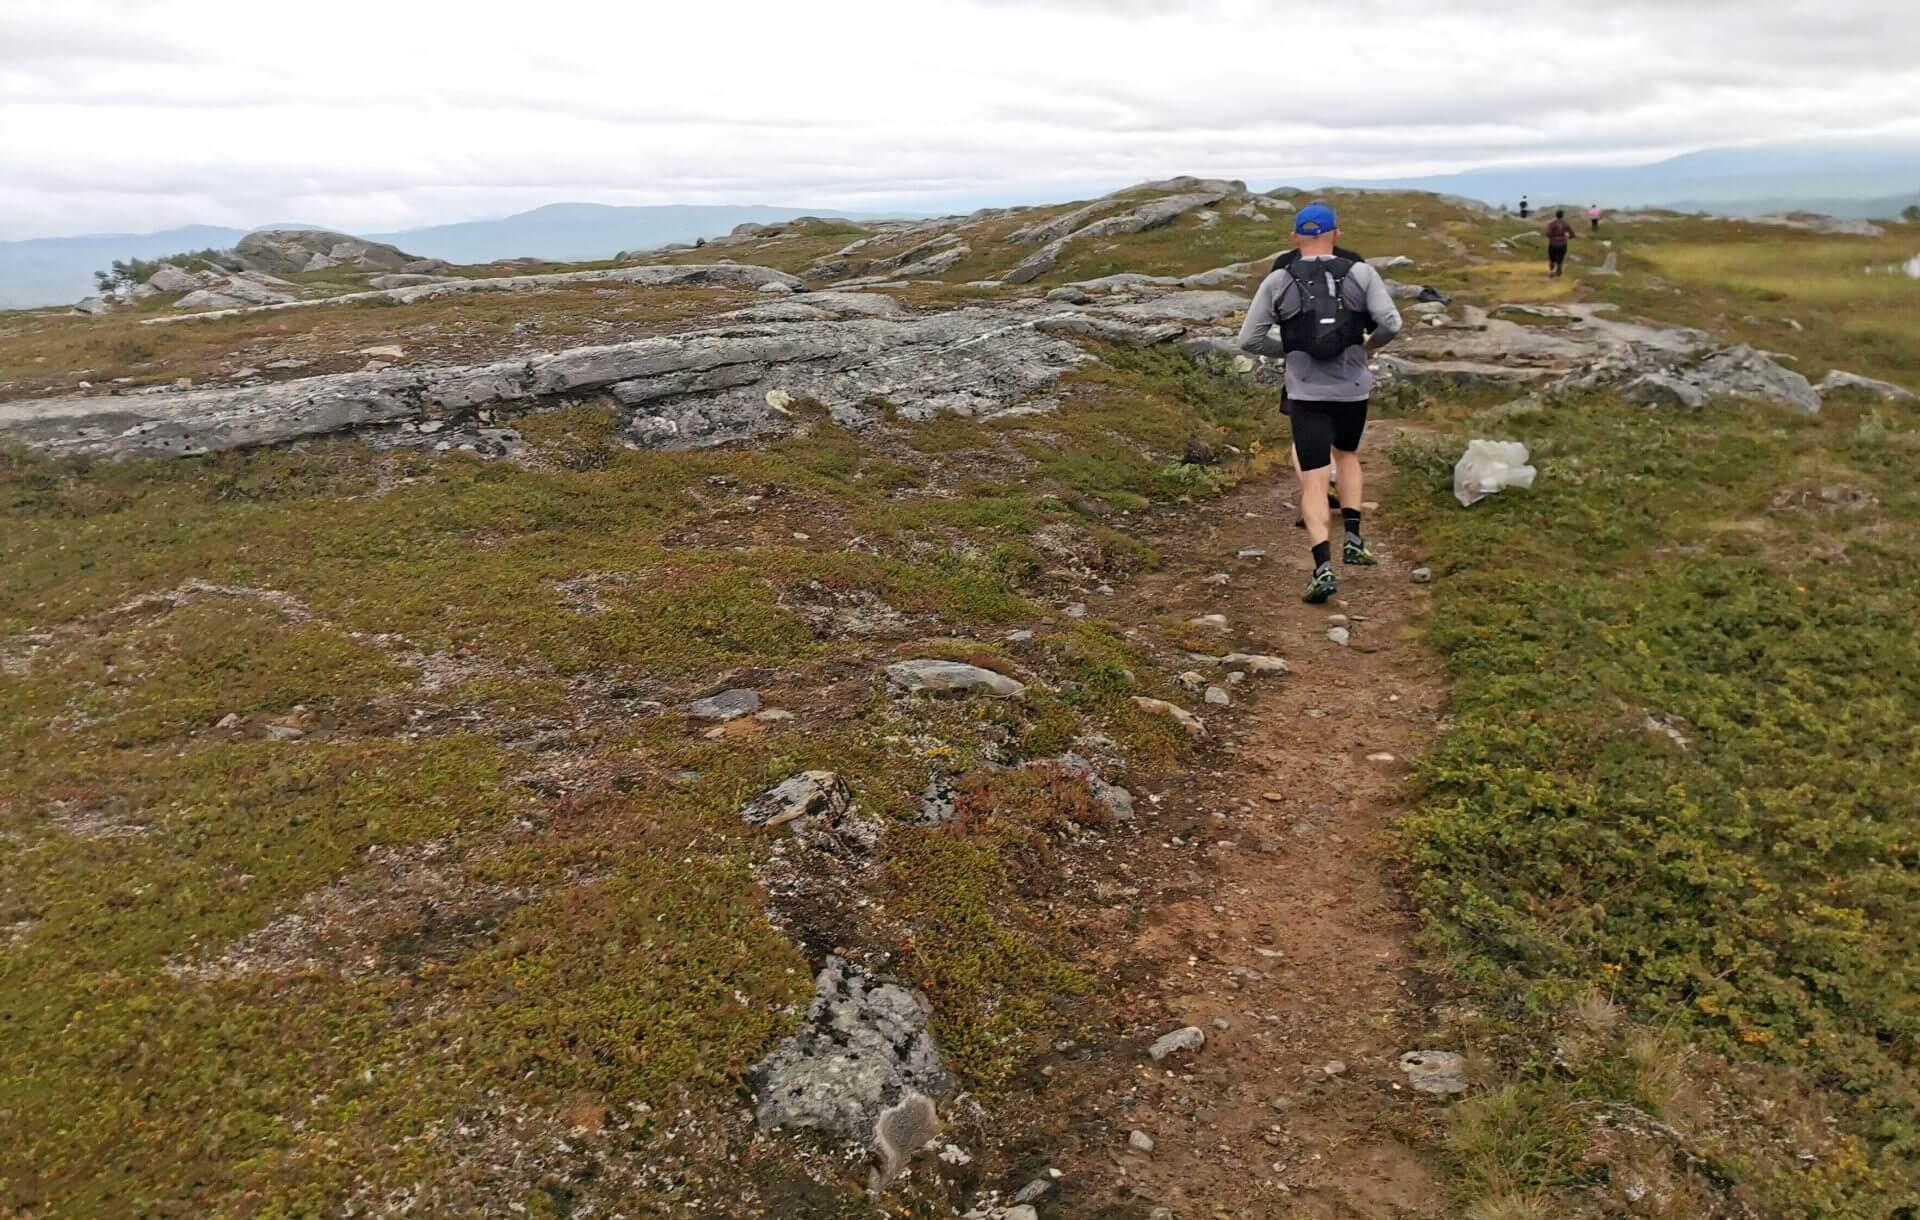 Arctic Circle Race 2019 Polcirkelloppet Guijaure kontr 4,5 km kvar